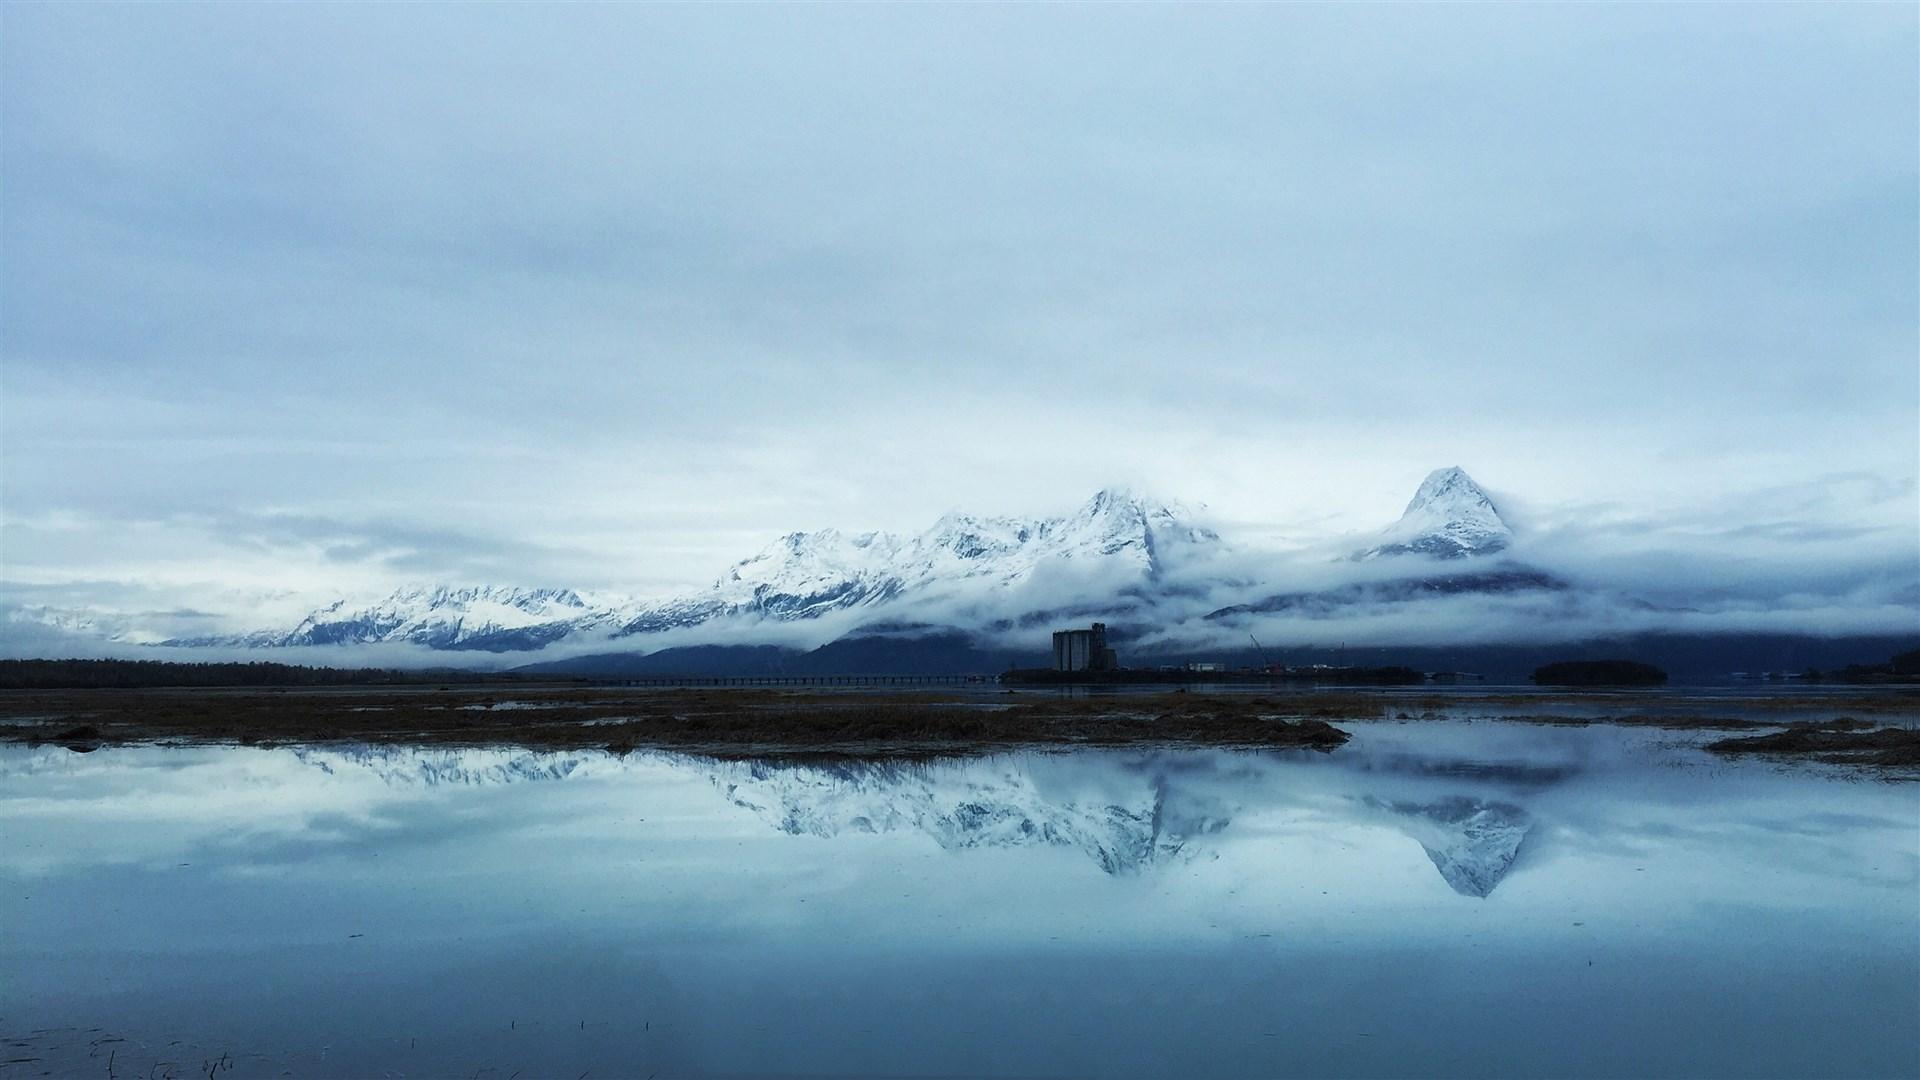 > 冰天雪地北方壮观雪景高清桌面壁纸